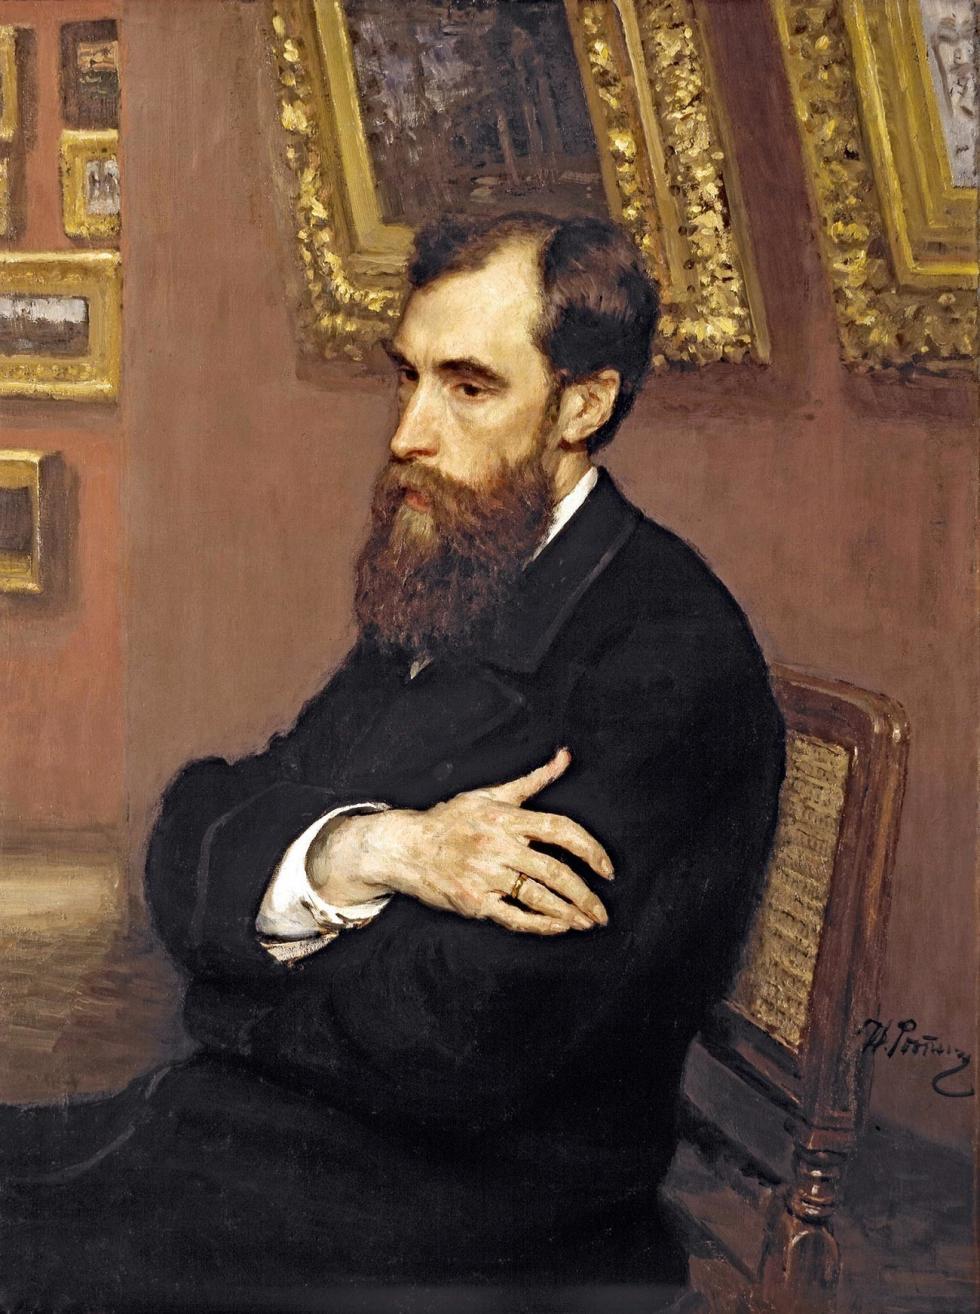 帕维尔·特列季亚科夫肖像。画家:伊利亚·列宾(Iliya Repin)。图片来源:Tretyakov gallery